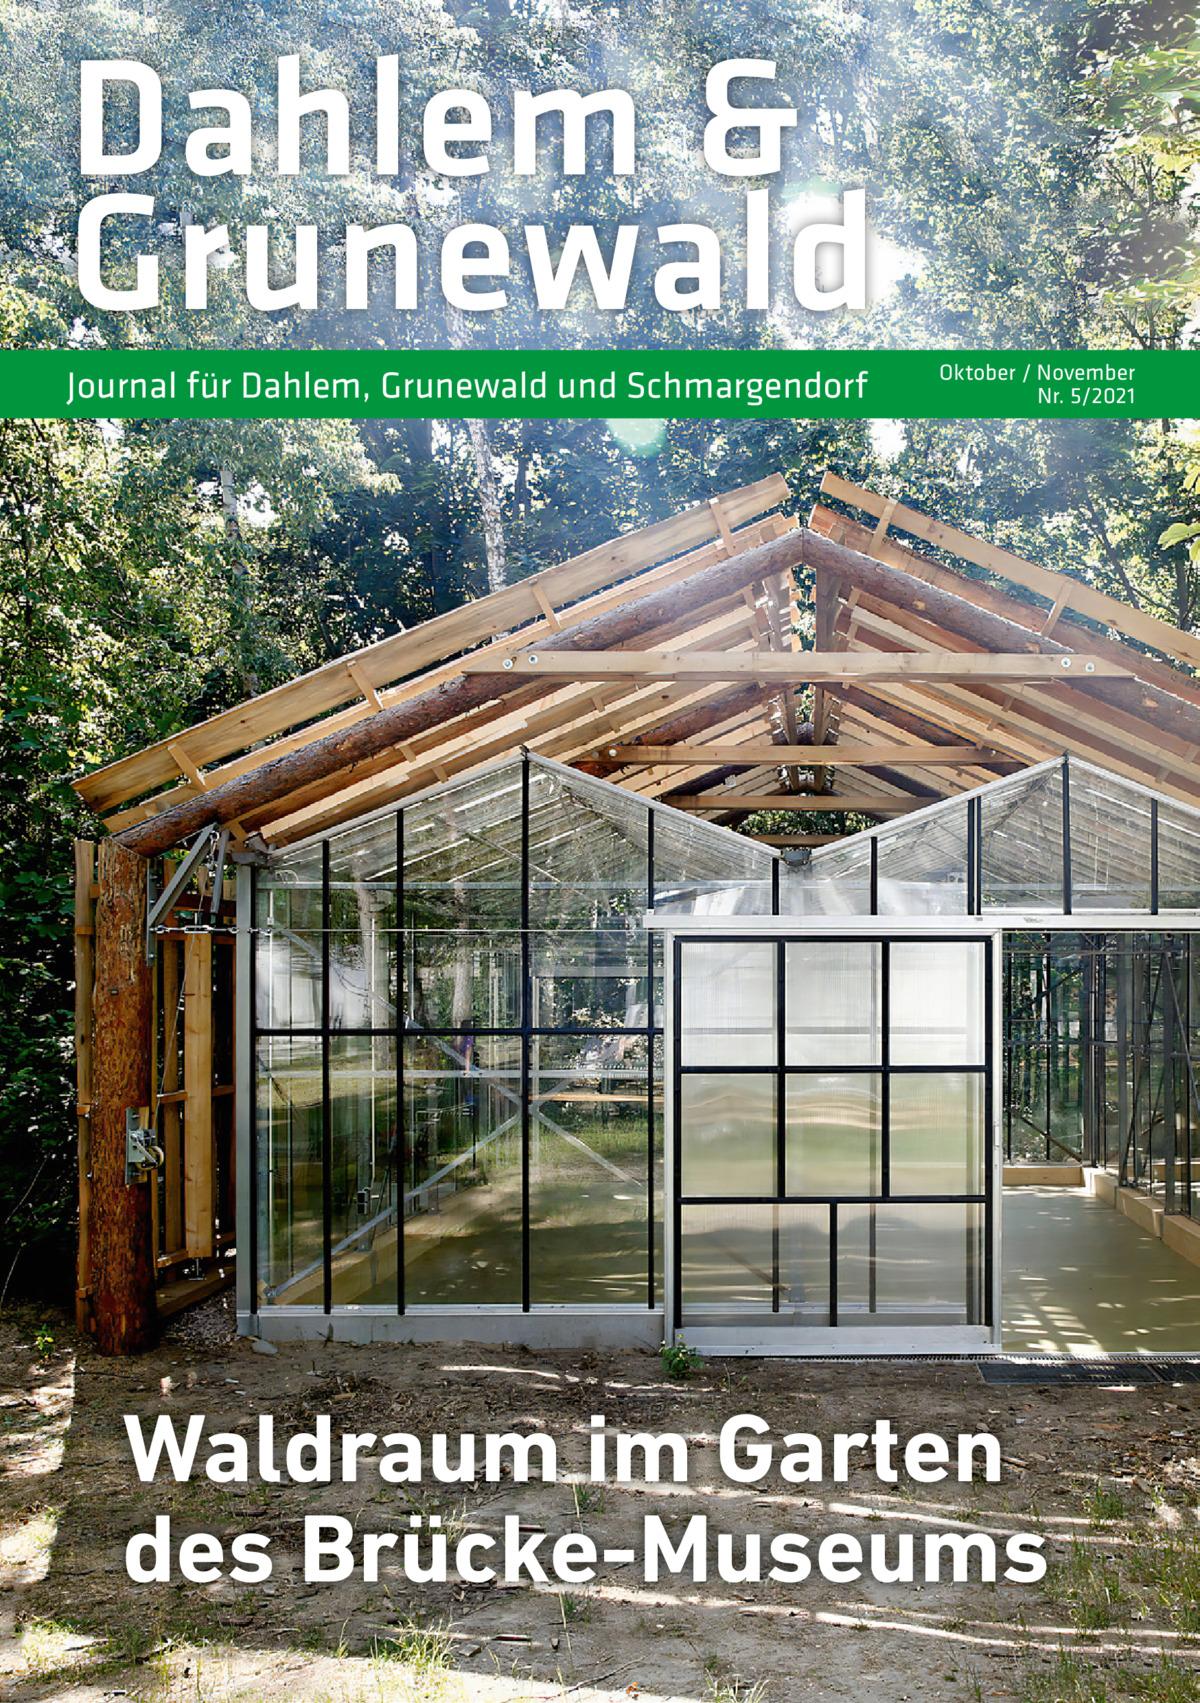 Dahlem & Grunewald Journal für Dahlem, Grunewald und Schmargendorf  Oktober / November Nr. 5/2021  Waldraum im Garten des Brücke-Museums